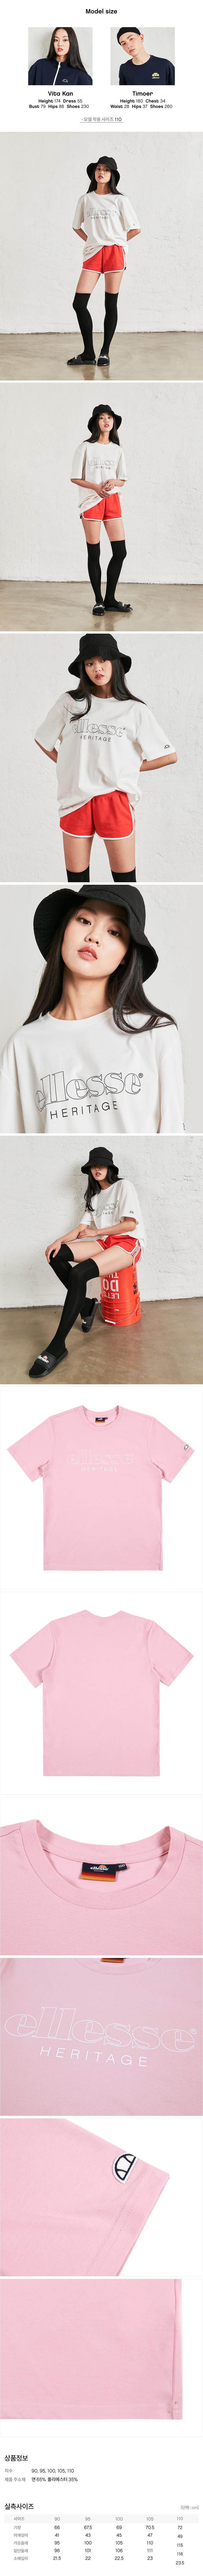 엘레쎄(ELLESSE) 엘레쎄 아웃라인 로고 반팔 티셔츠 (핑크)EJ2UHTR331